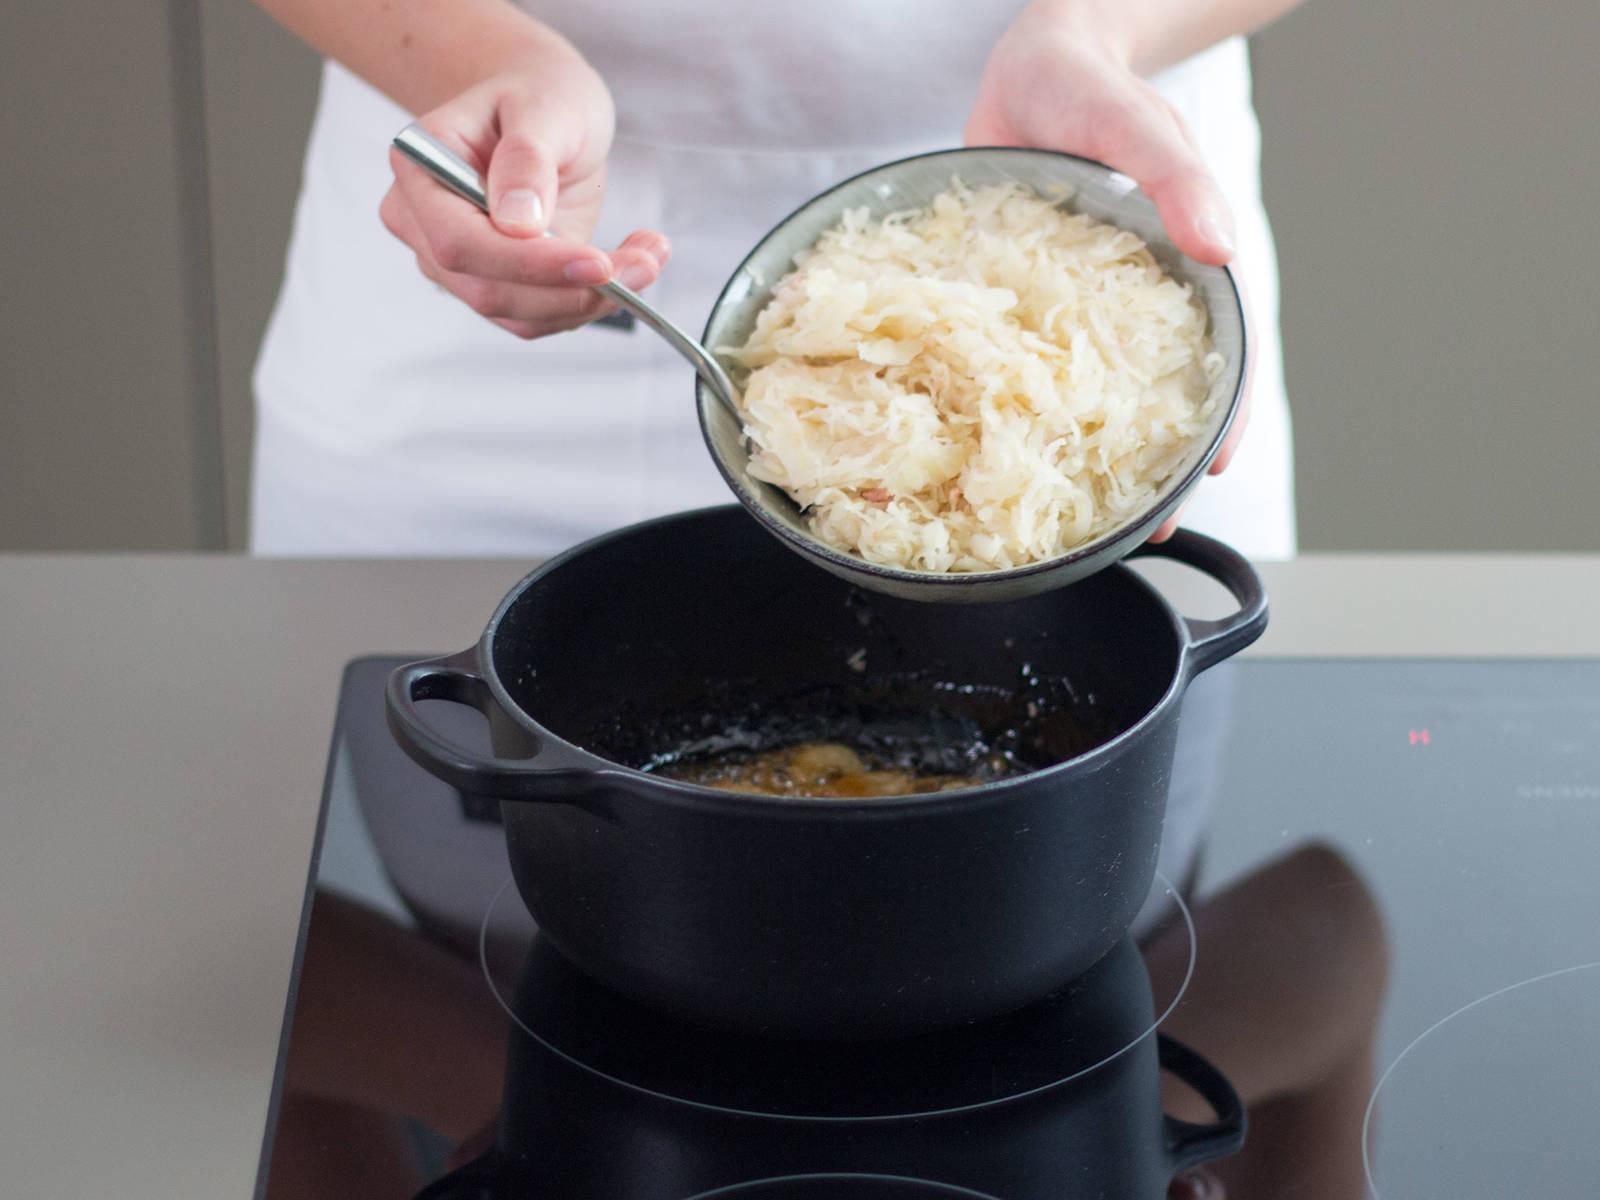 Zucker in einem großen Topf karamellisieren lassen. Zwiebelringe hinzufügen und unter häufigem Rühren braun werden lassen. Sauerkraut hinzufügen und gut vermengen.